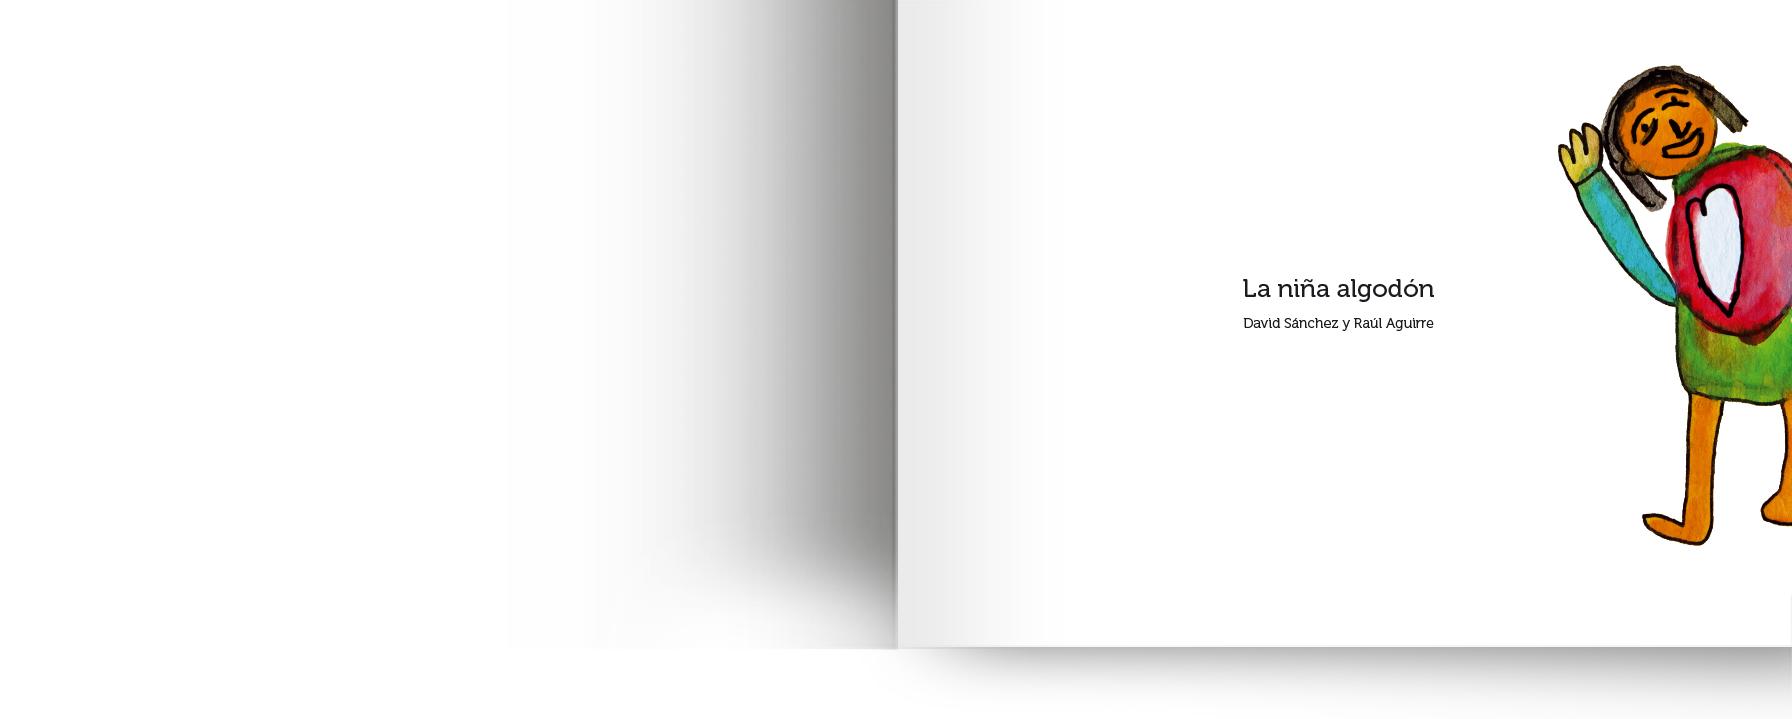 Lacabezadelrinoceronte-libro-La-niña-algodon-lectura-facil-1